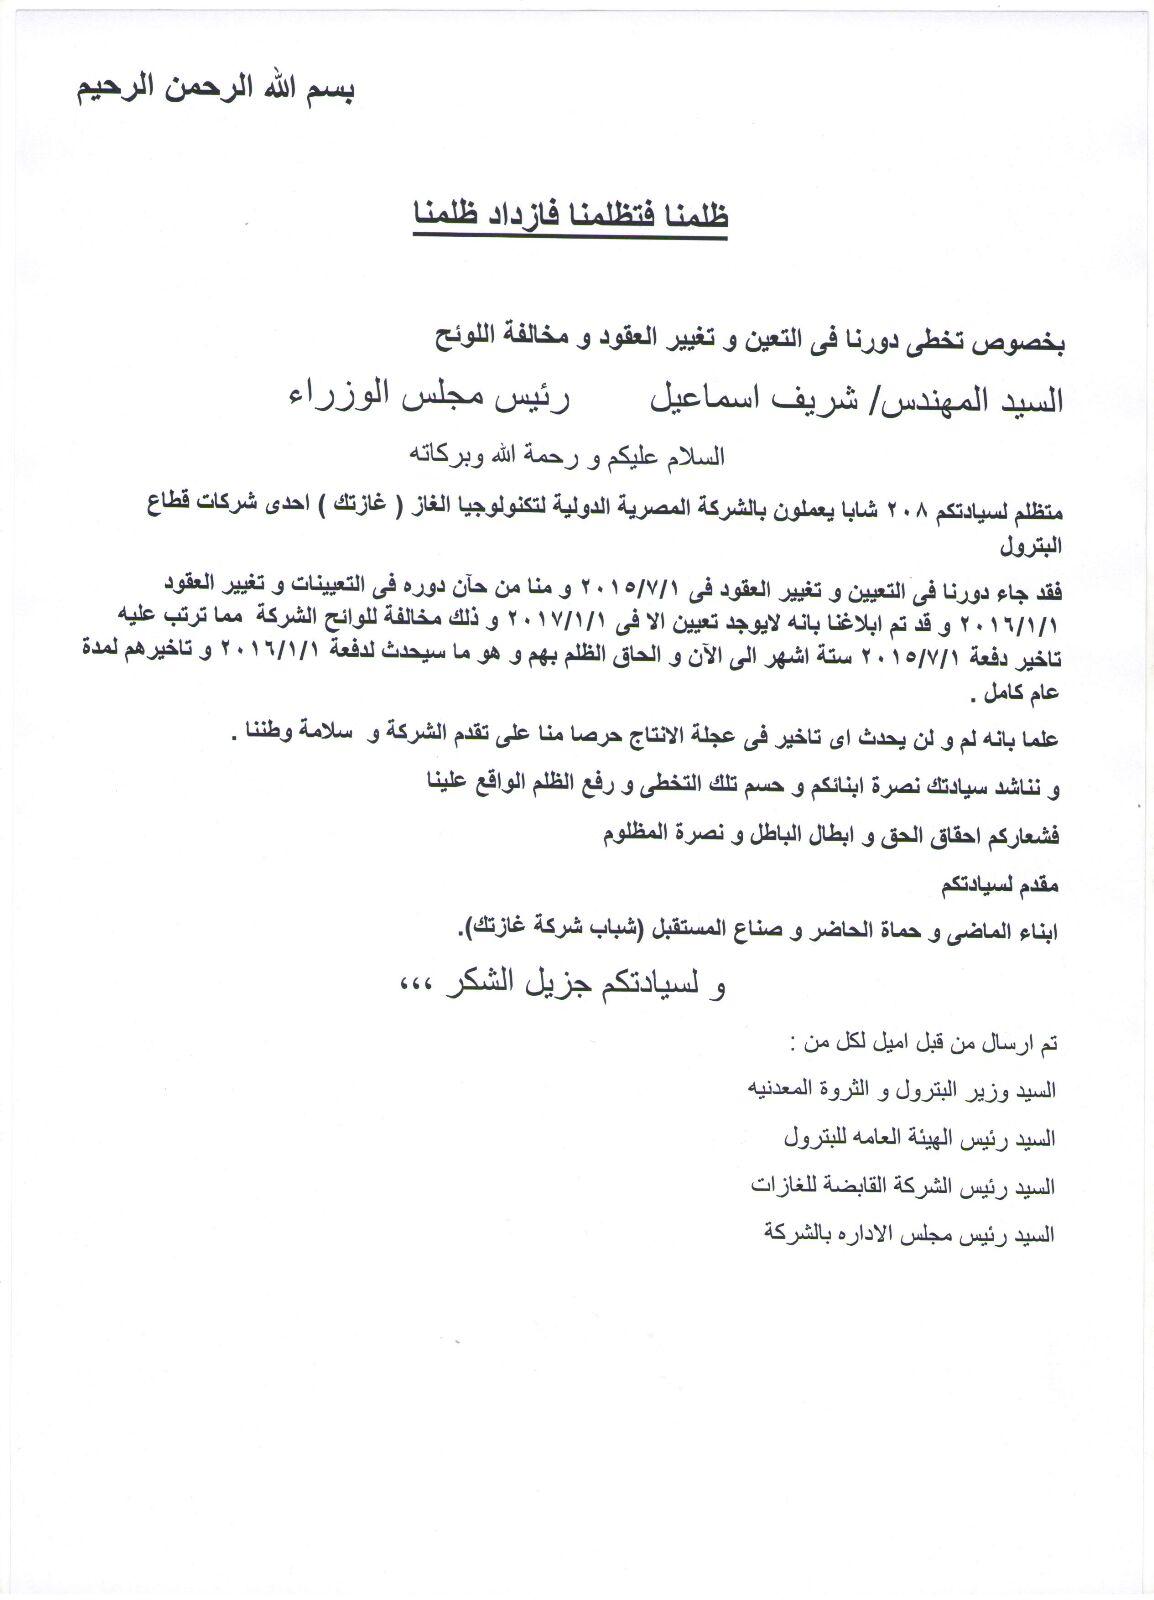 208 شاب يشكون رفض شركة «غازتك» تعيينهم